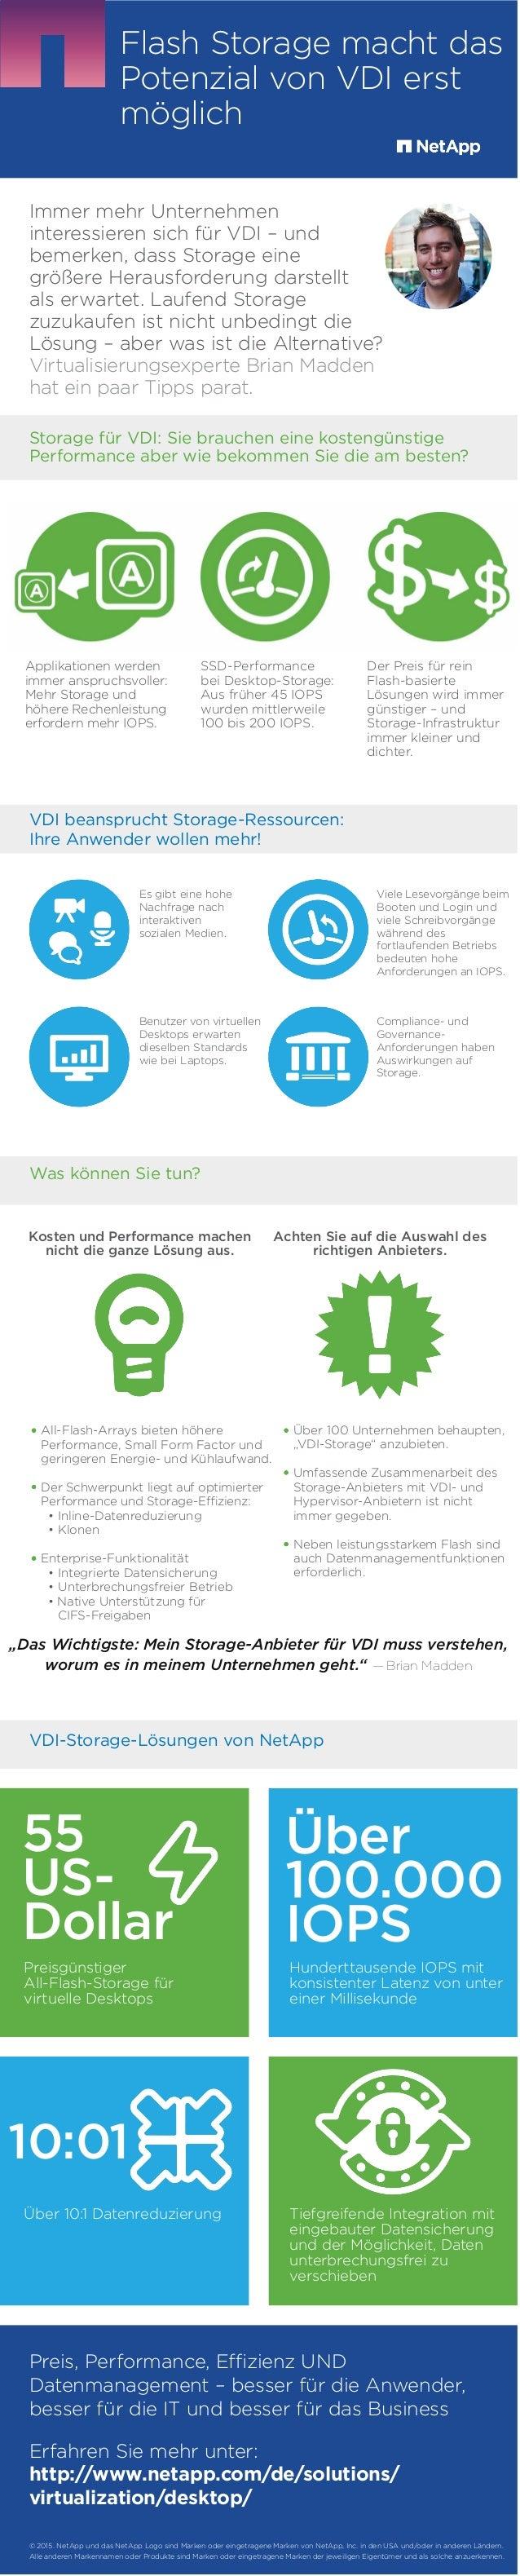 Preis, Performance, Effizienz UND Datenmanagement – besser für die Anwender, besser für die IT und besser für das Business...